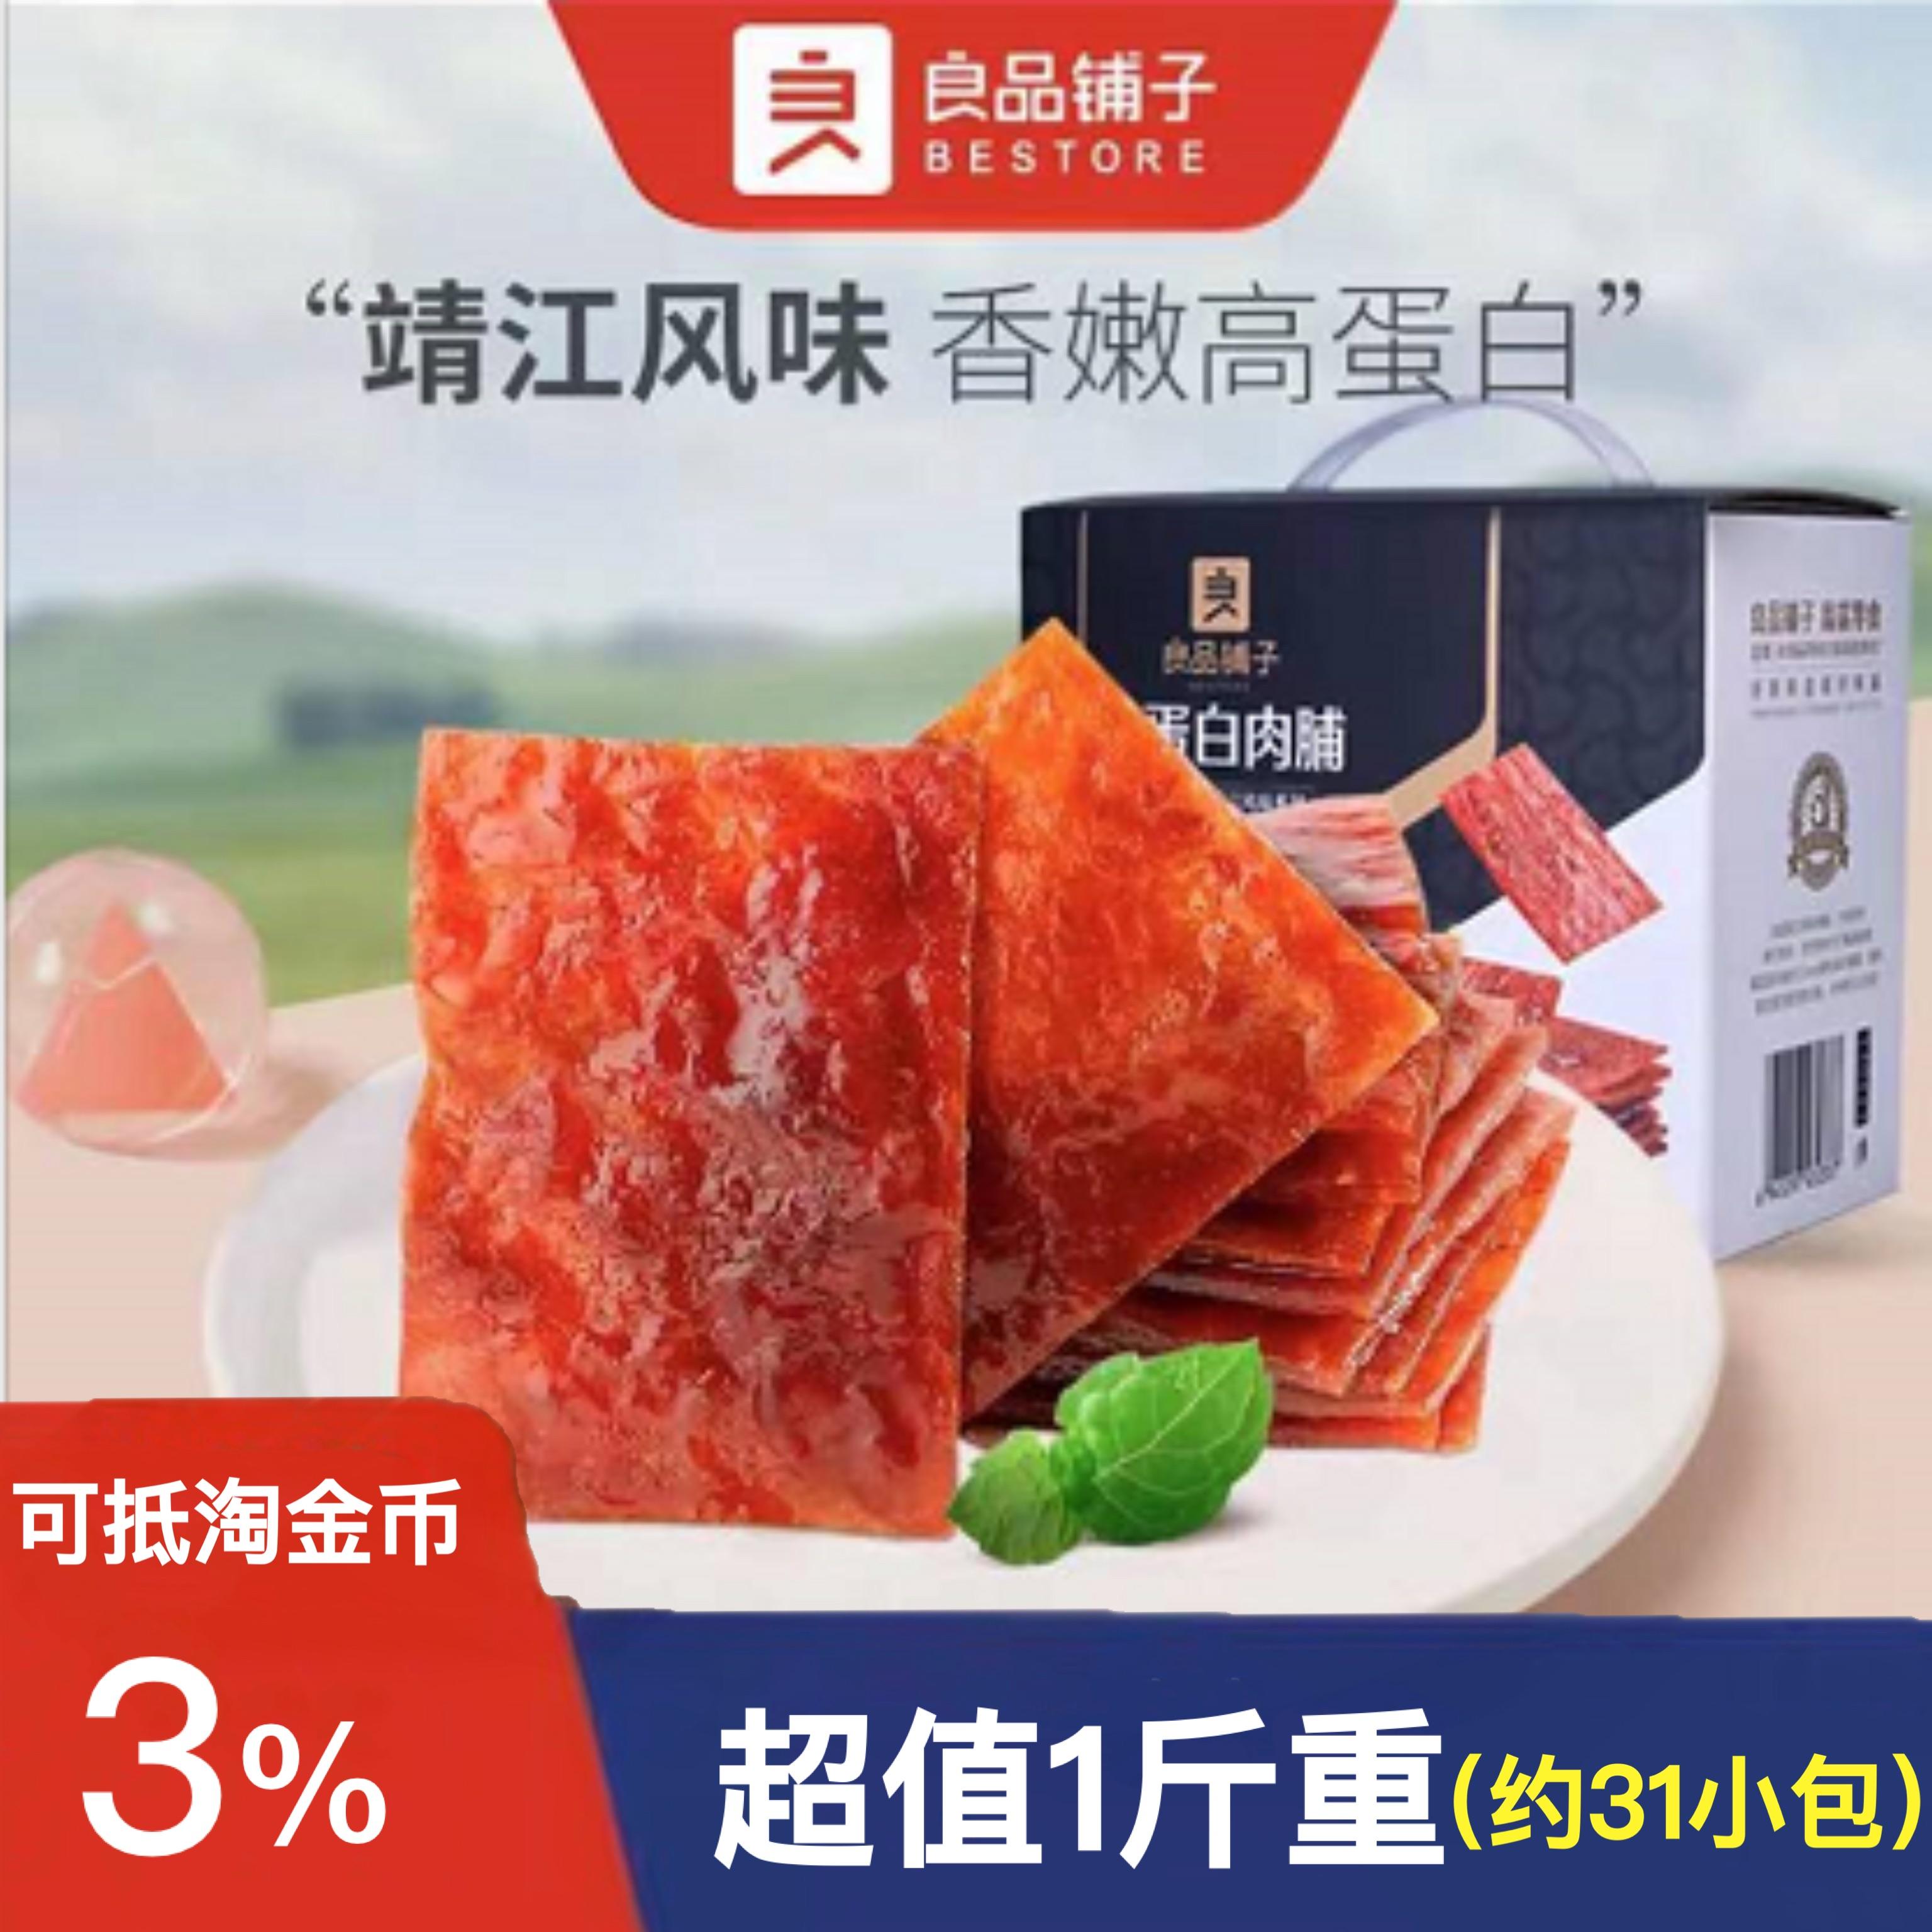 良品铺子高蛋白肉脯500g猪肉类零食小吃熟食特产猪肉干休闲食品